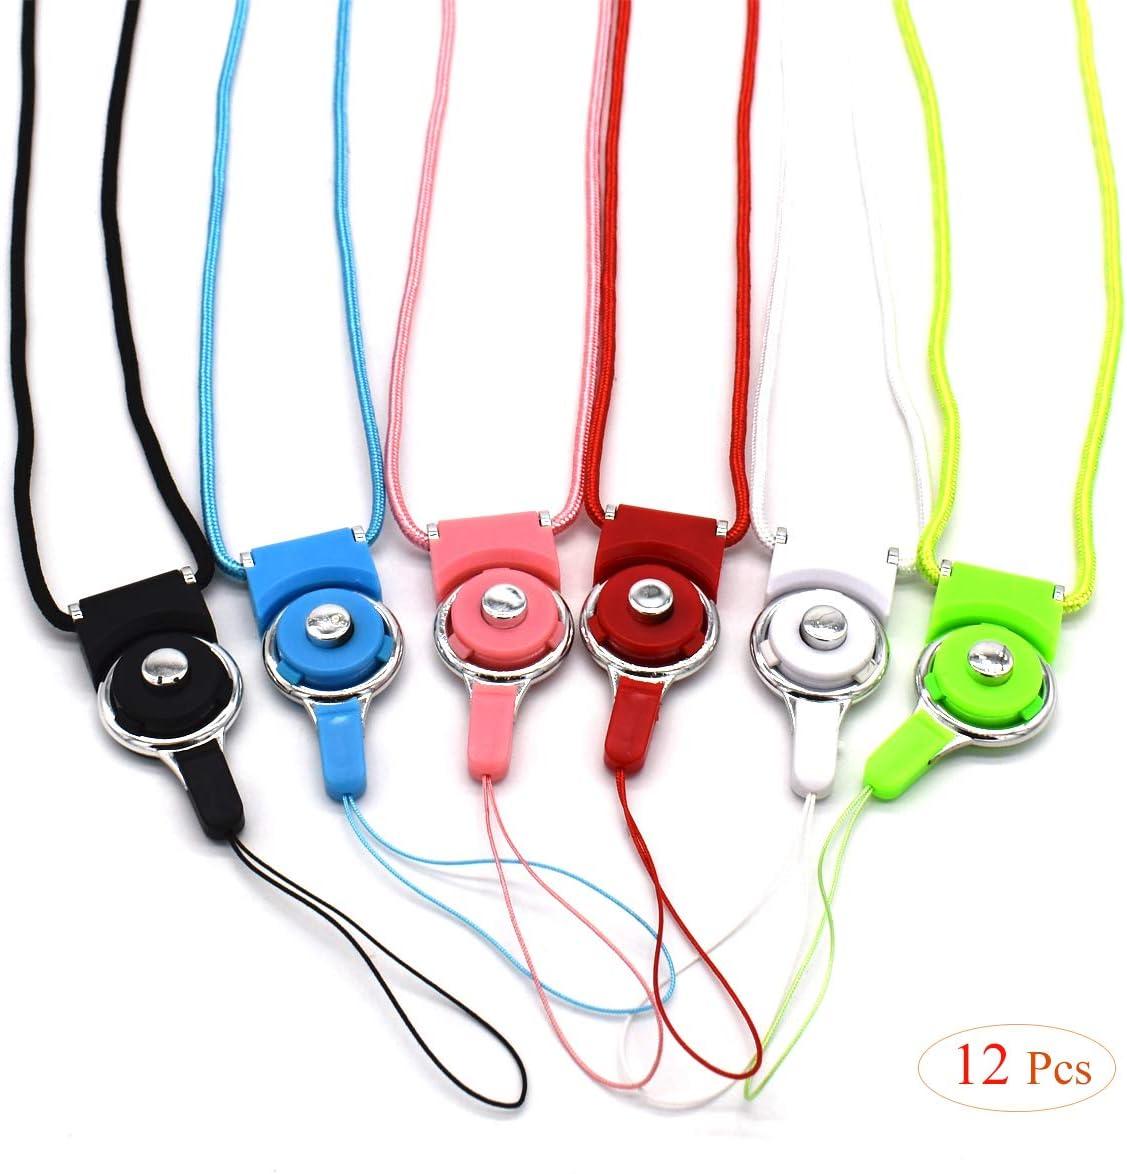 12 Piezas, 40cm Cordones de Cuello Desmontable,Xiuyer 6 Colores Acollador para Tel/éfonos M/óviles Neck Strap Nylon Lanyards para Celulares C/ámara Llavero Trjetas de Identificacion